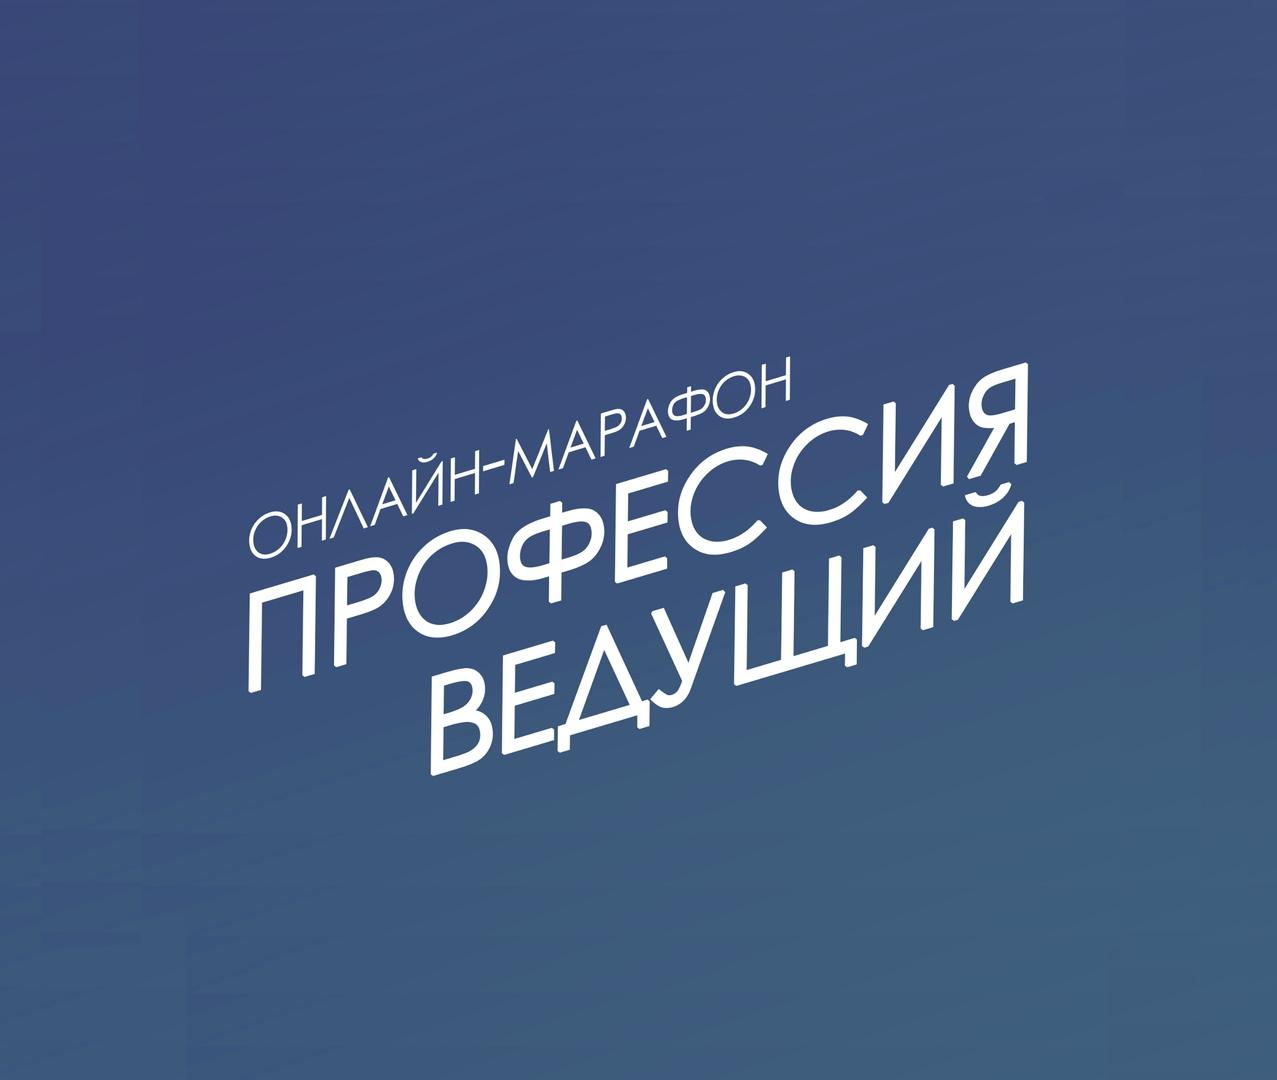 Афиша Нижний Новгород Профессия Ведущий / Образовательный проект